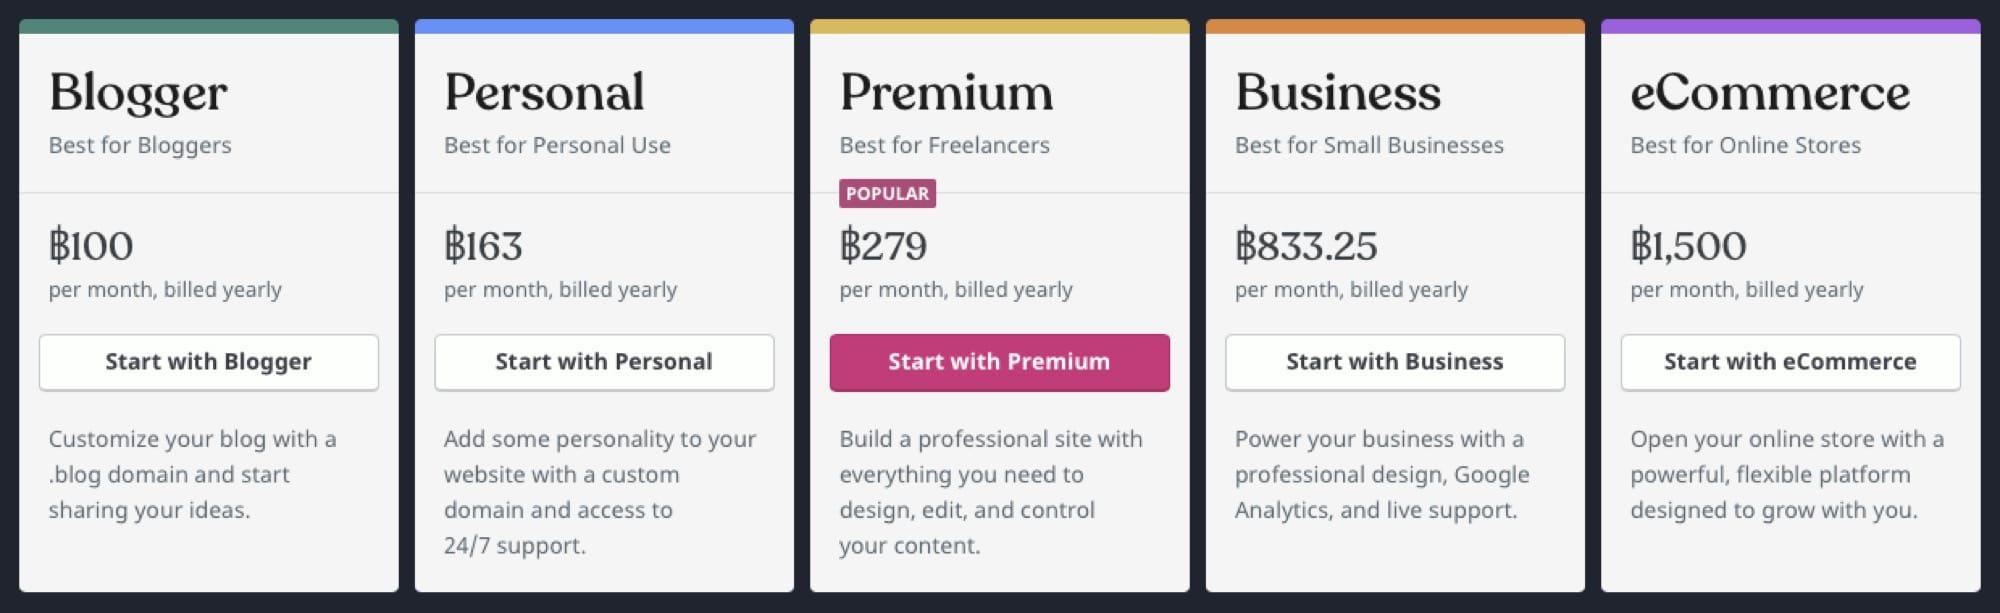 แจกคูปองส่วนลด wordpress.com ลดทันที 20% - แจกคูปองส่วนลด Wordpress.com ลดทันที 20%